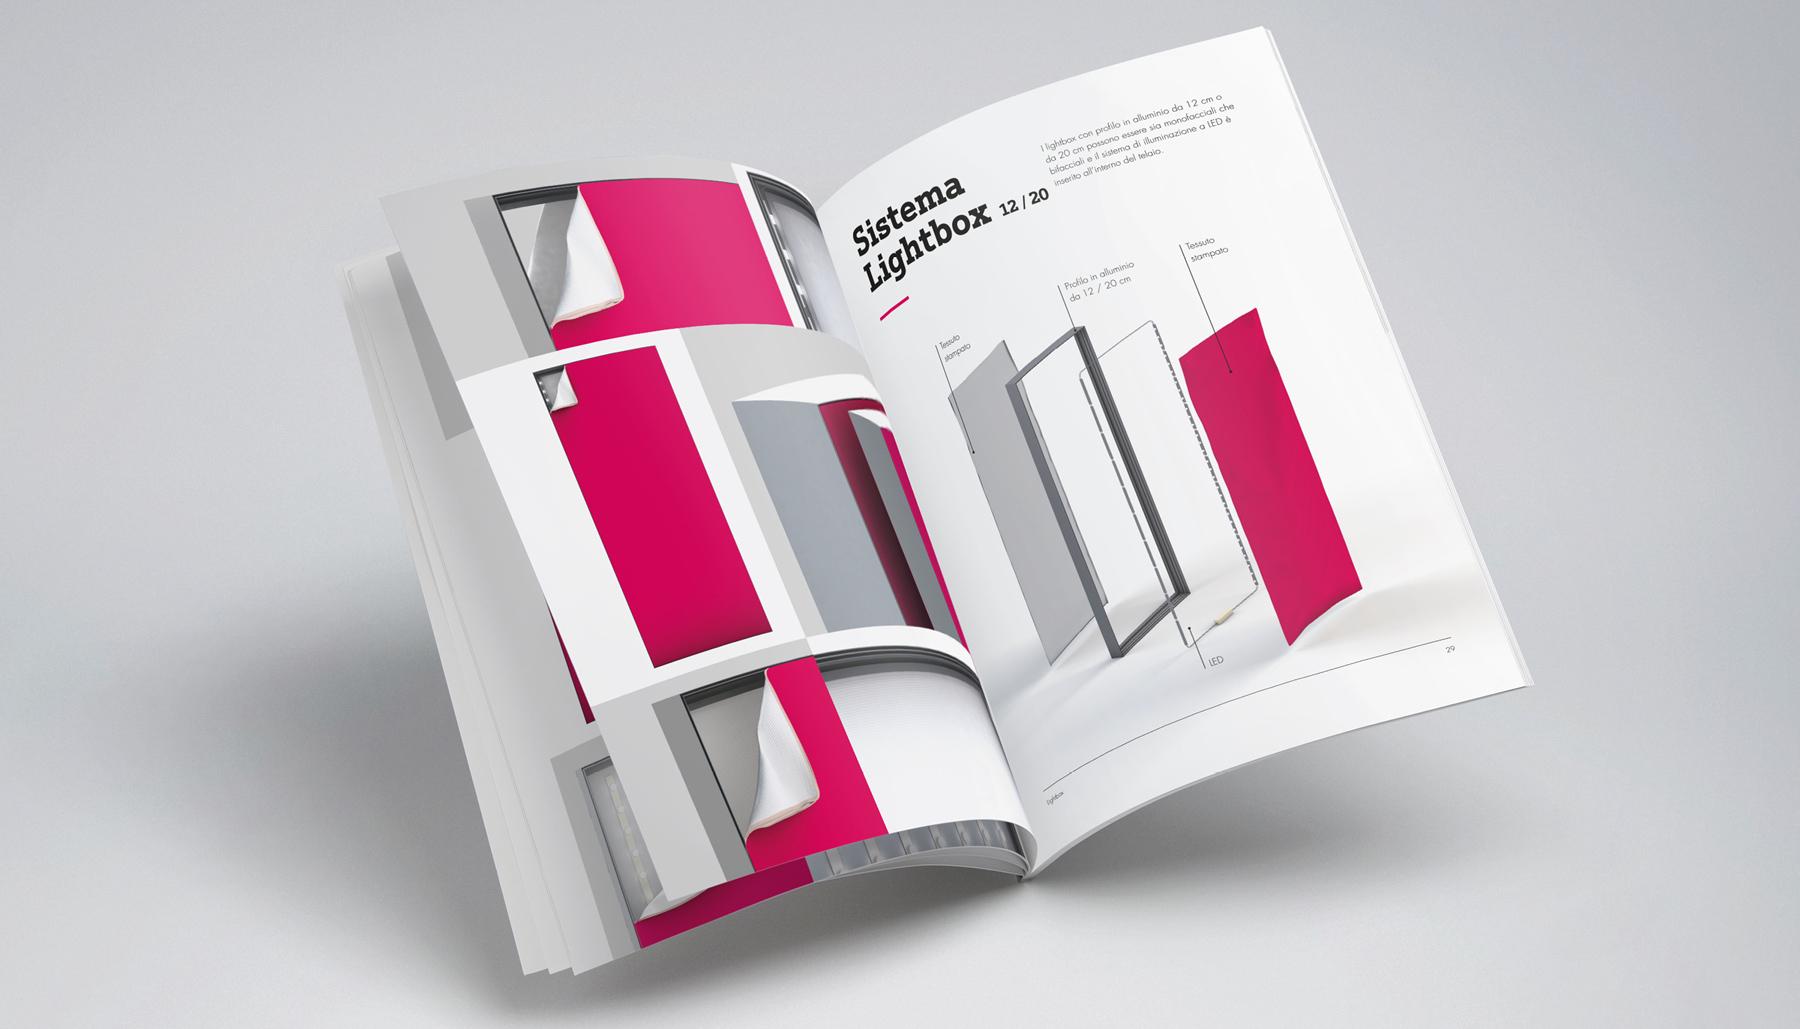 Progettazione catalogo ABS Group   Kora Comunicazione